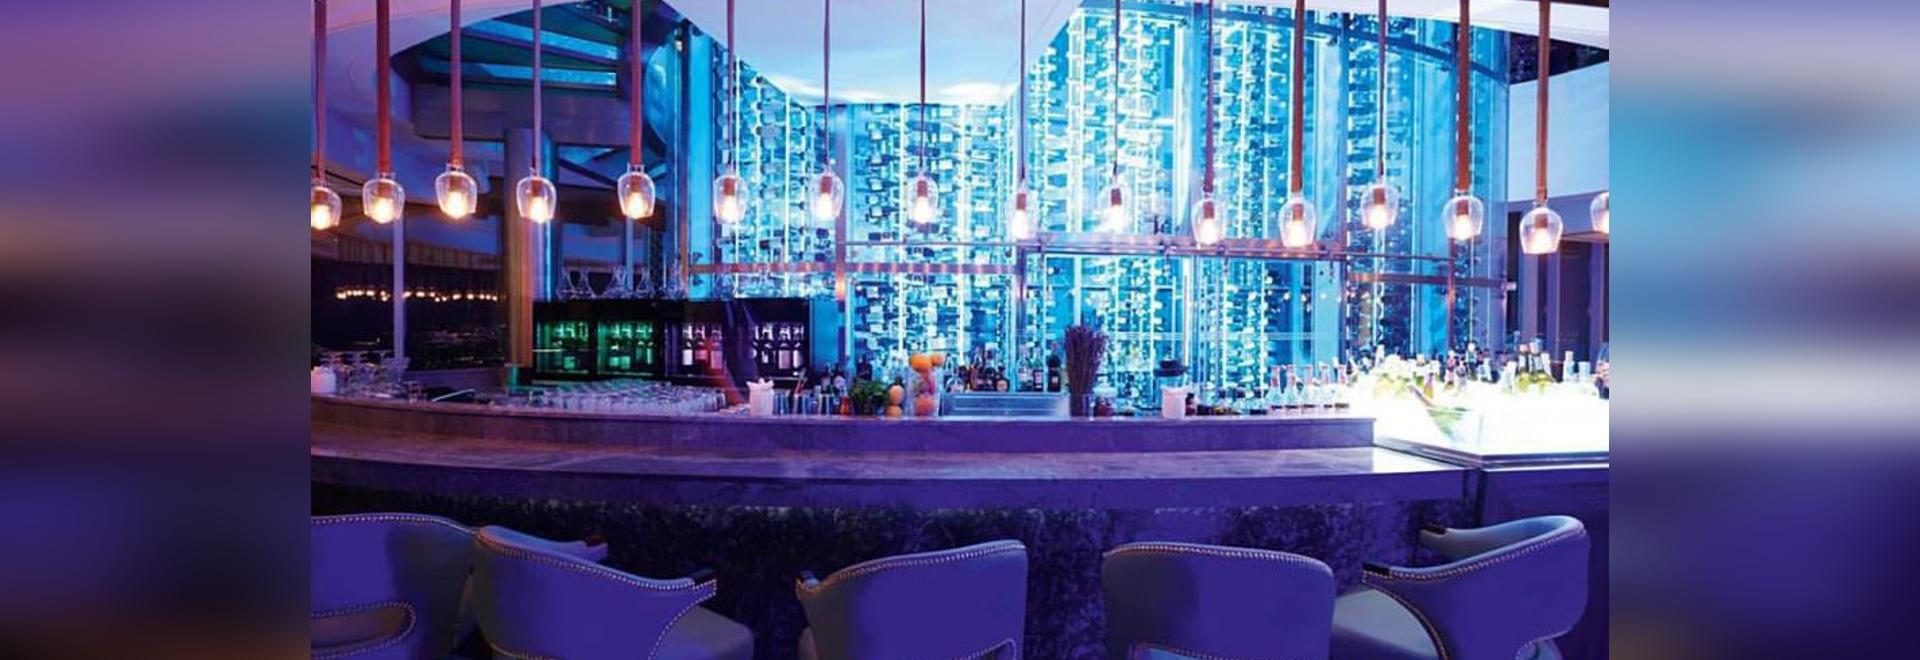 EuroCave équipe le superbe restaurant en rooftop Unos Mas